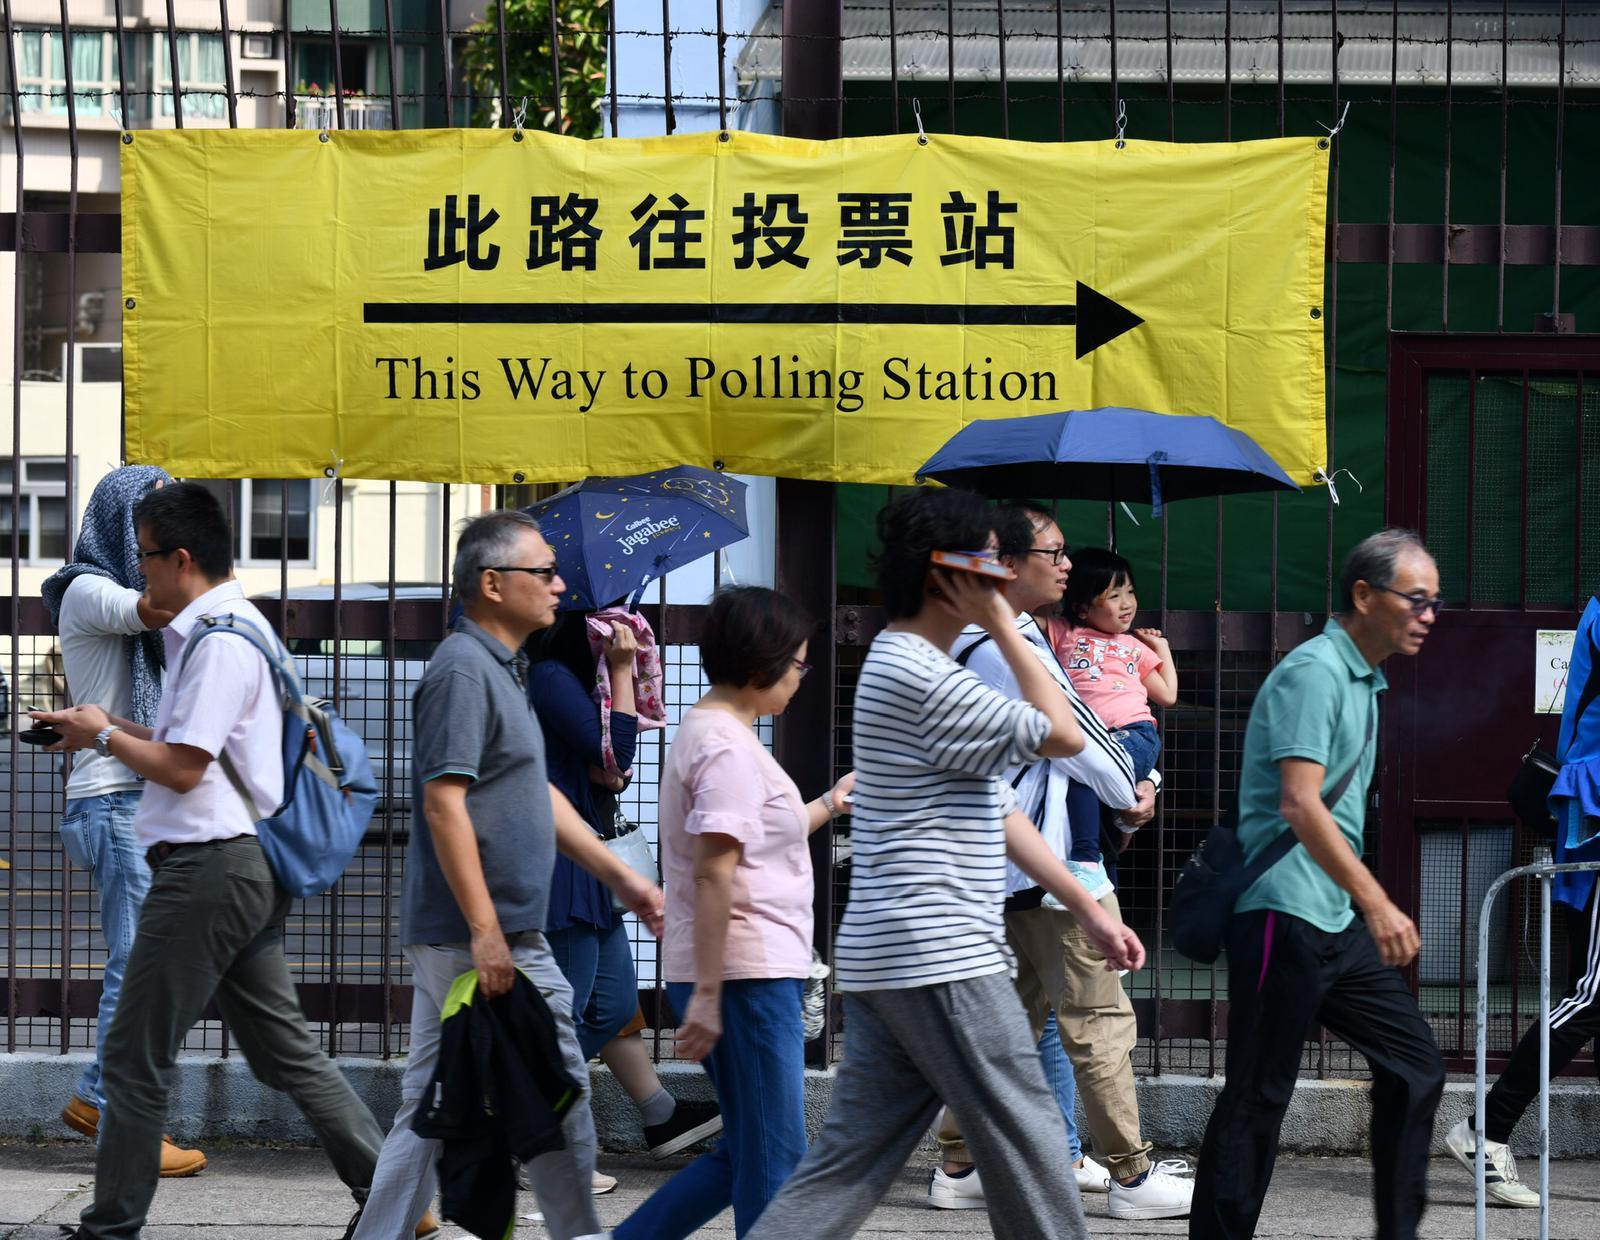 【区会选举】《人民日报》:风雨中的香港需要坚毅前行